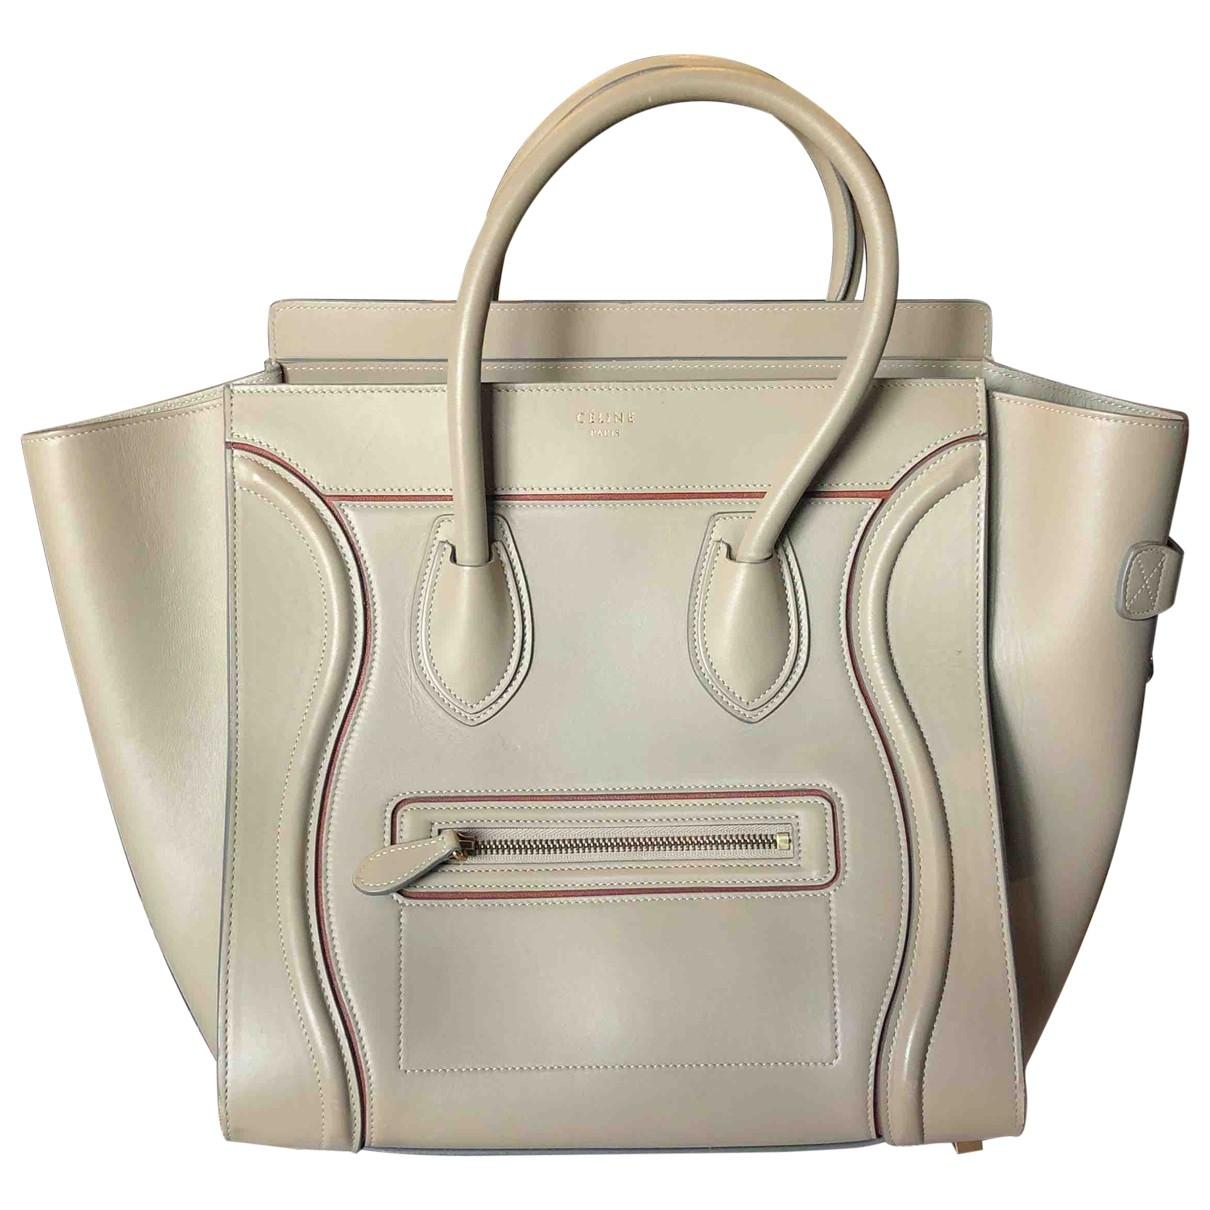 Celine - Sac a main Luggage pour femme en cuir - gris